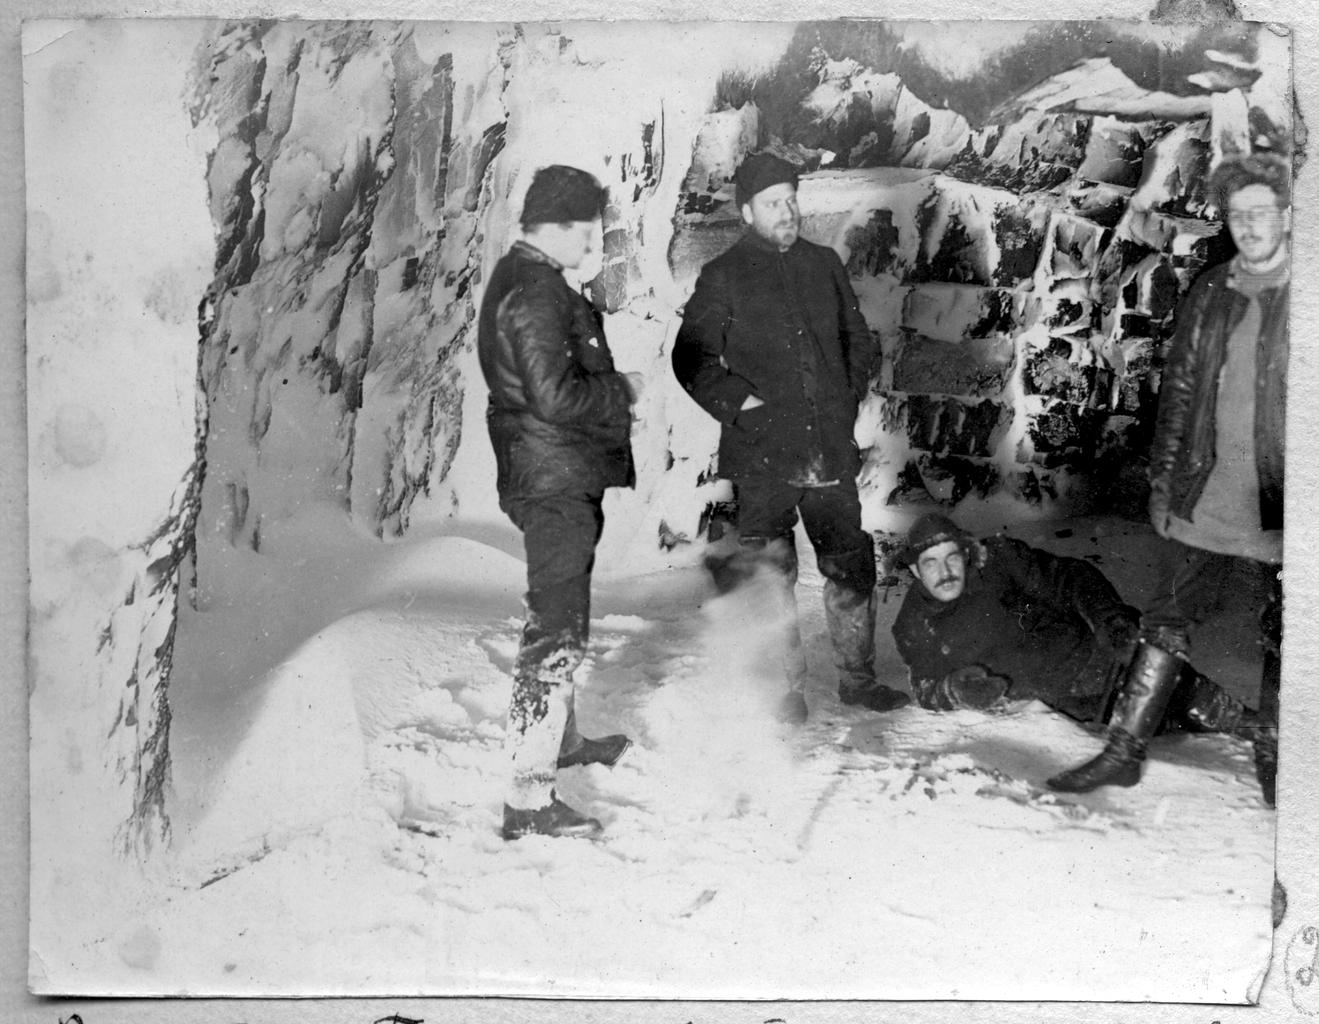 Седов Г. Я. и участники экспедиции в гроте. Полярная ночь